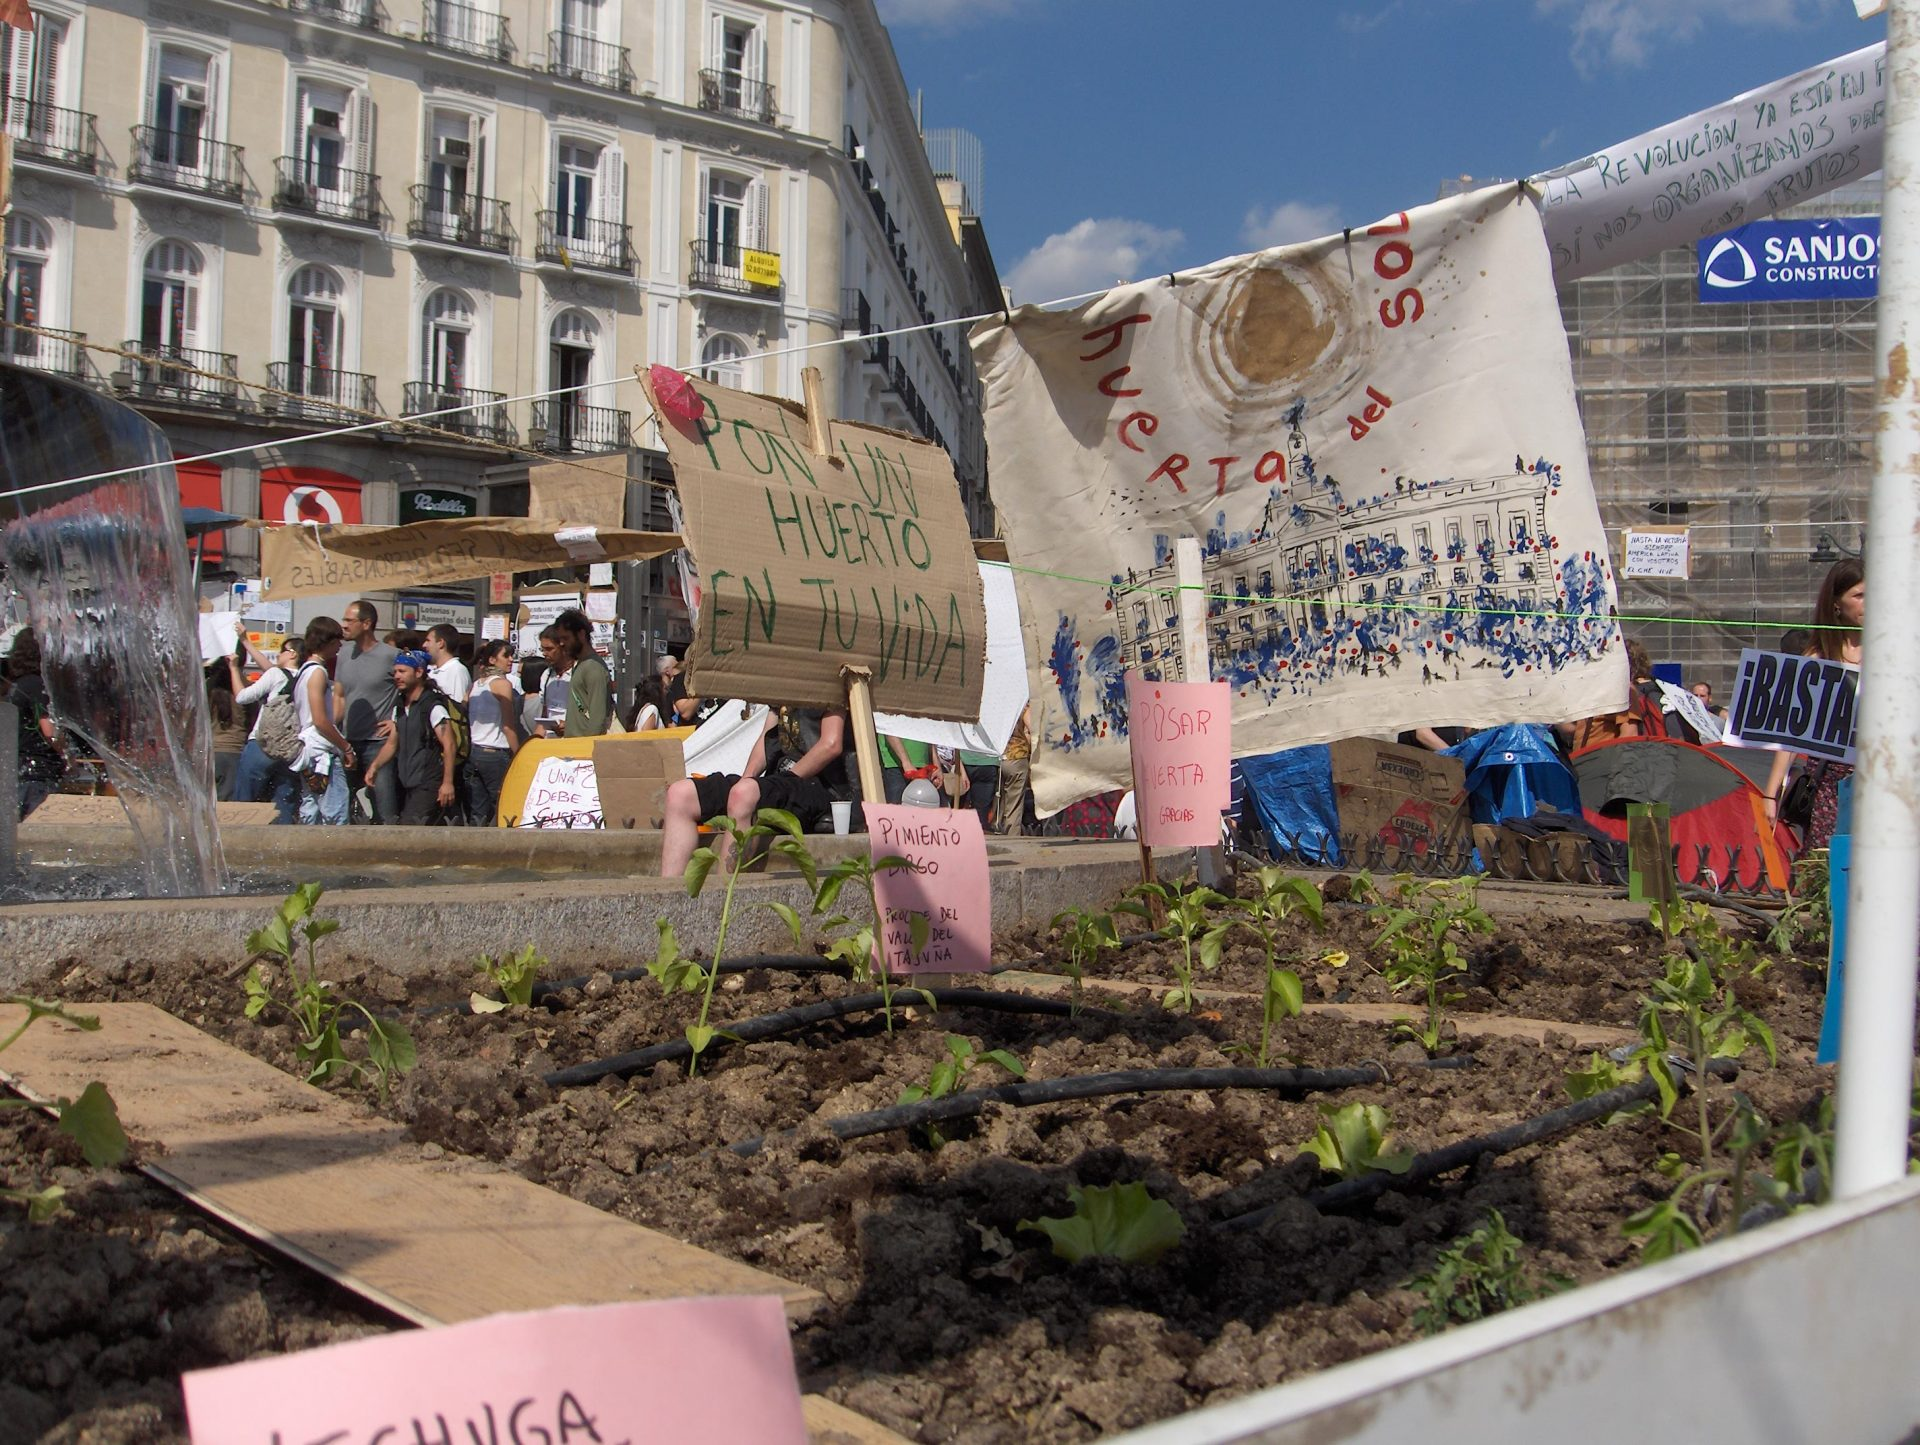 Huerto comunitario en la Puerta del Sol durante las manifestaciones del 15M en Madrid. Fotografía: Jose Luis Fernández Casadevante, Kois.